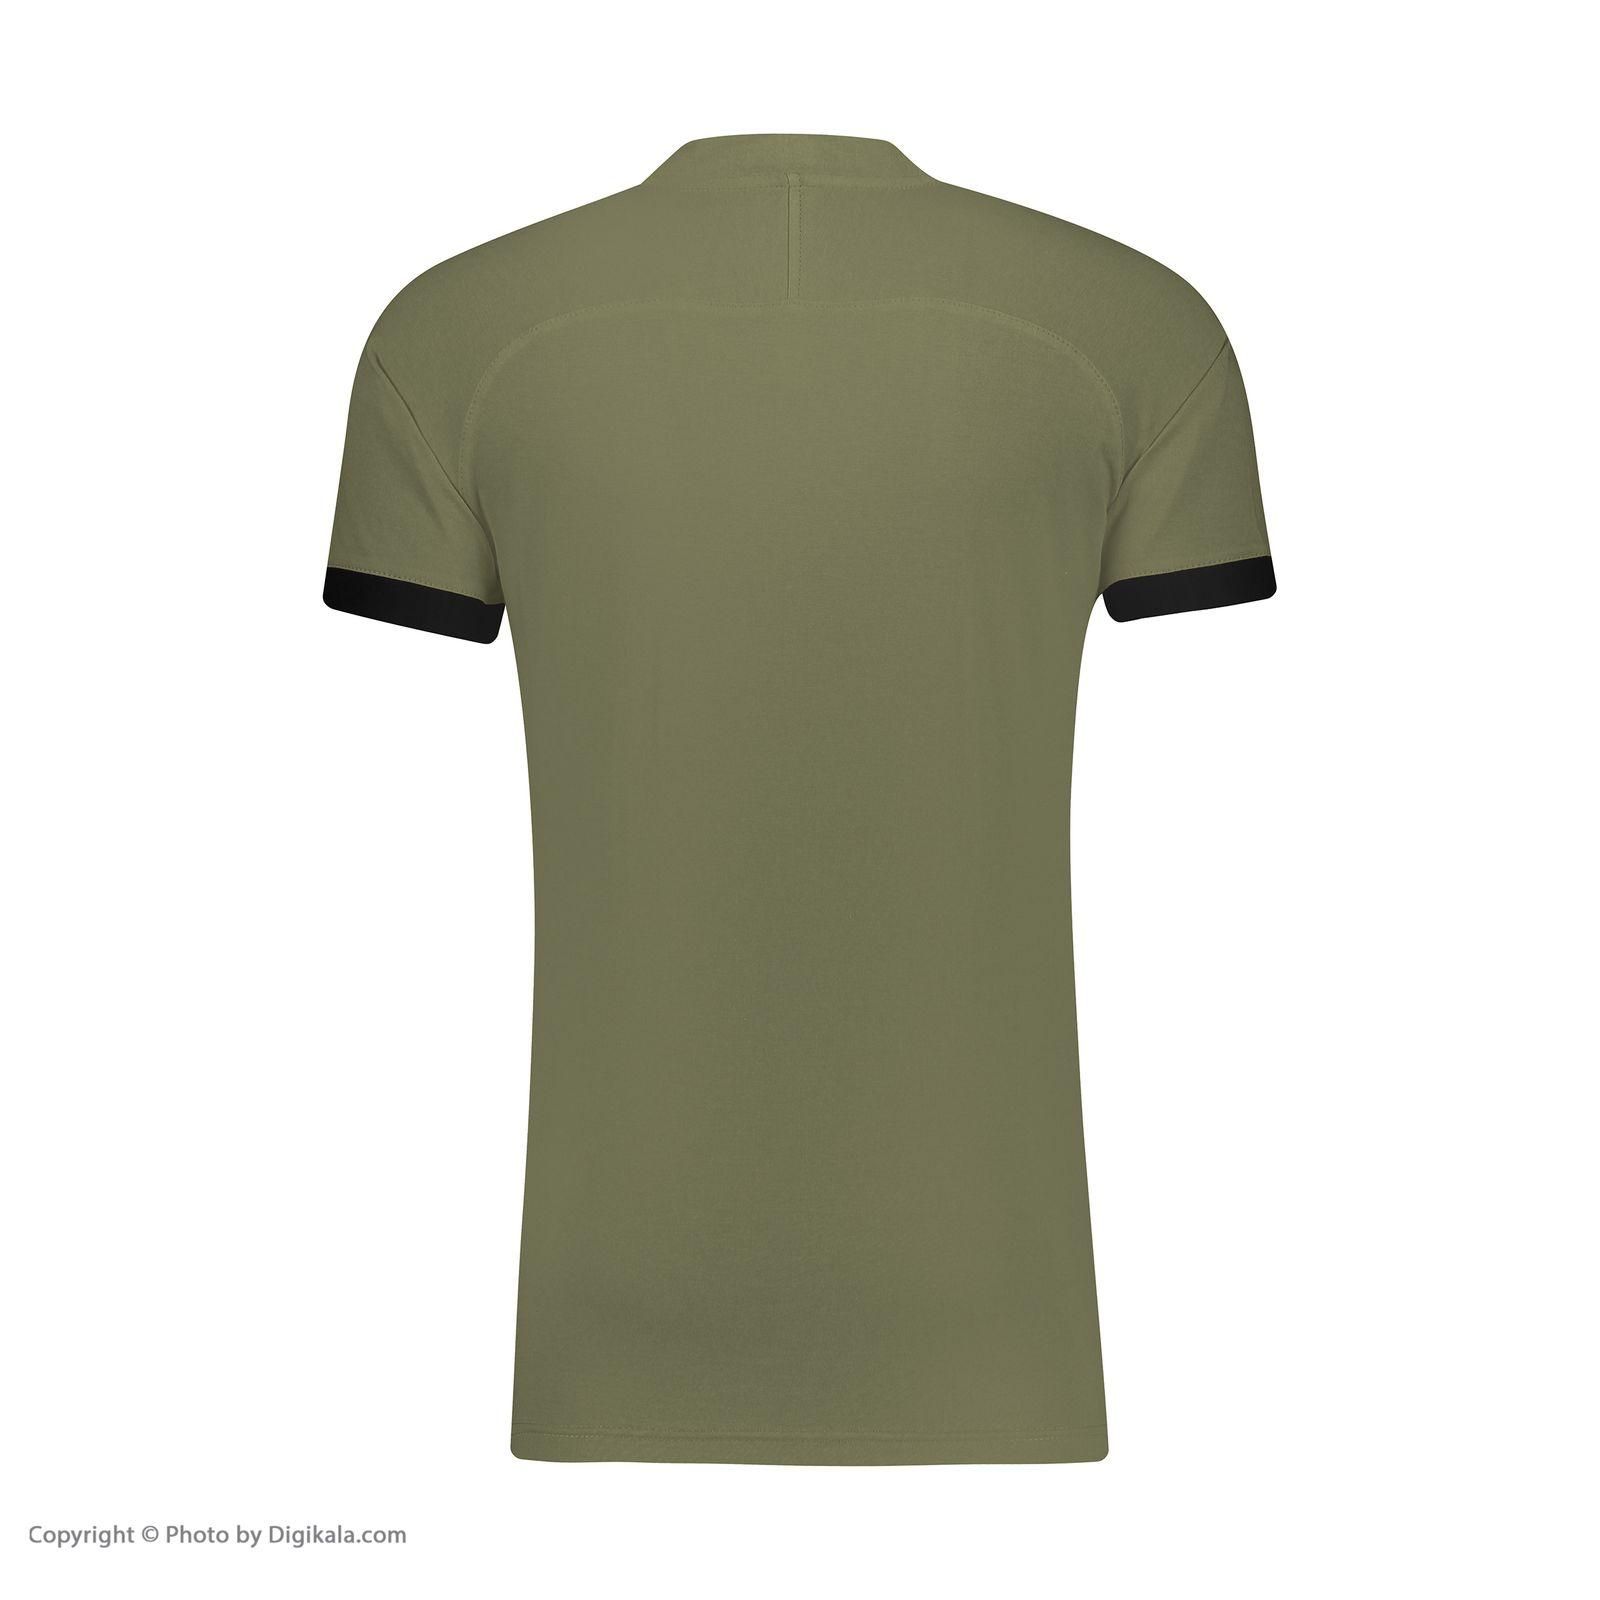 ست پیراهن و شورت ورزشی مردانه استارت مدل v1001-4 -  - 6